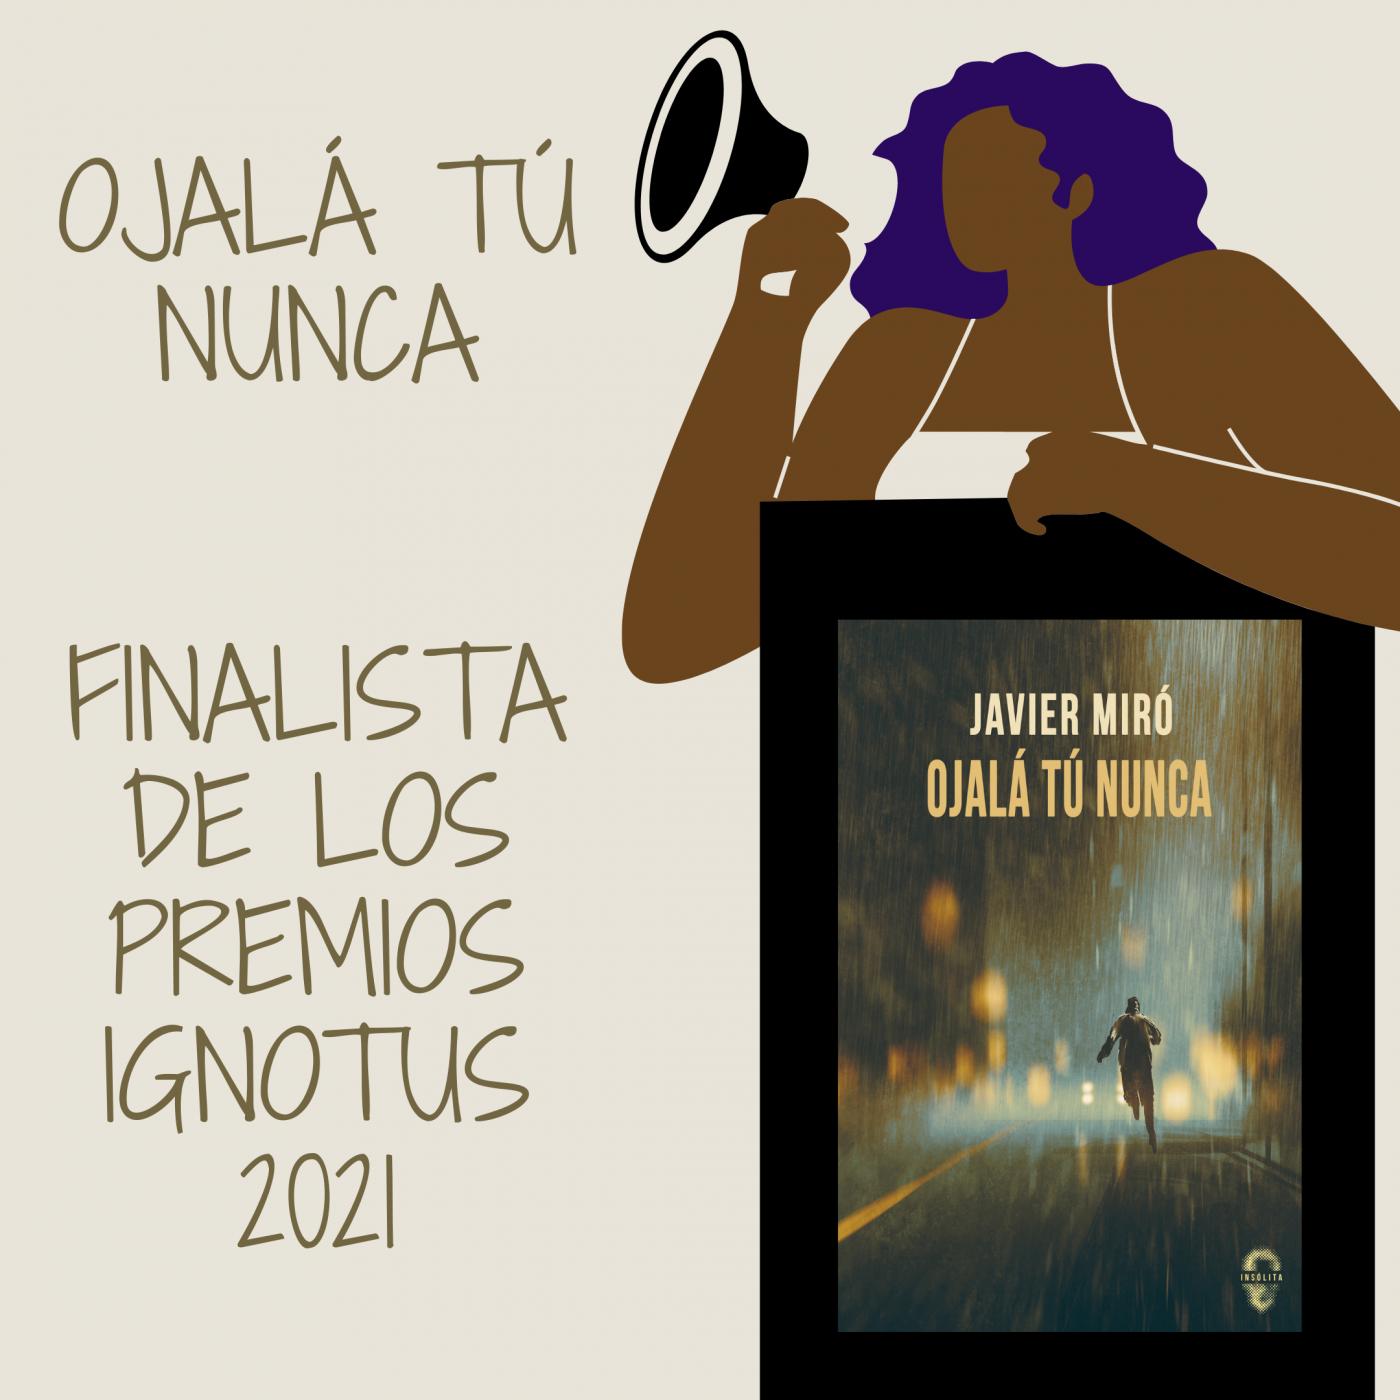 Ojalá tú nunca finalista de los Premios Ignotus 2021. Javier Miró